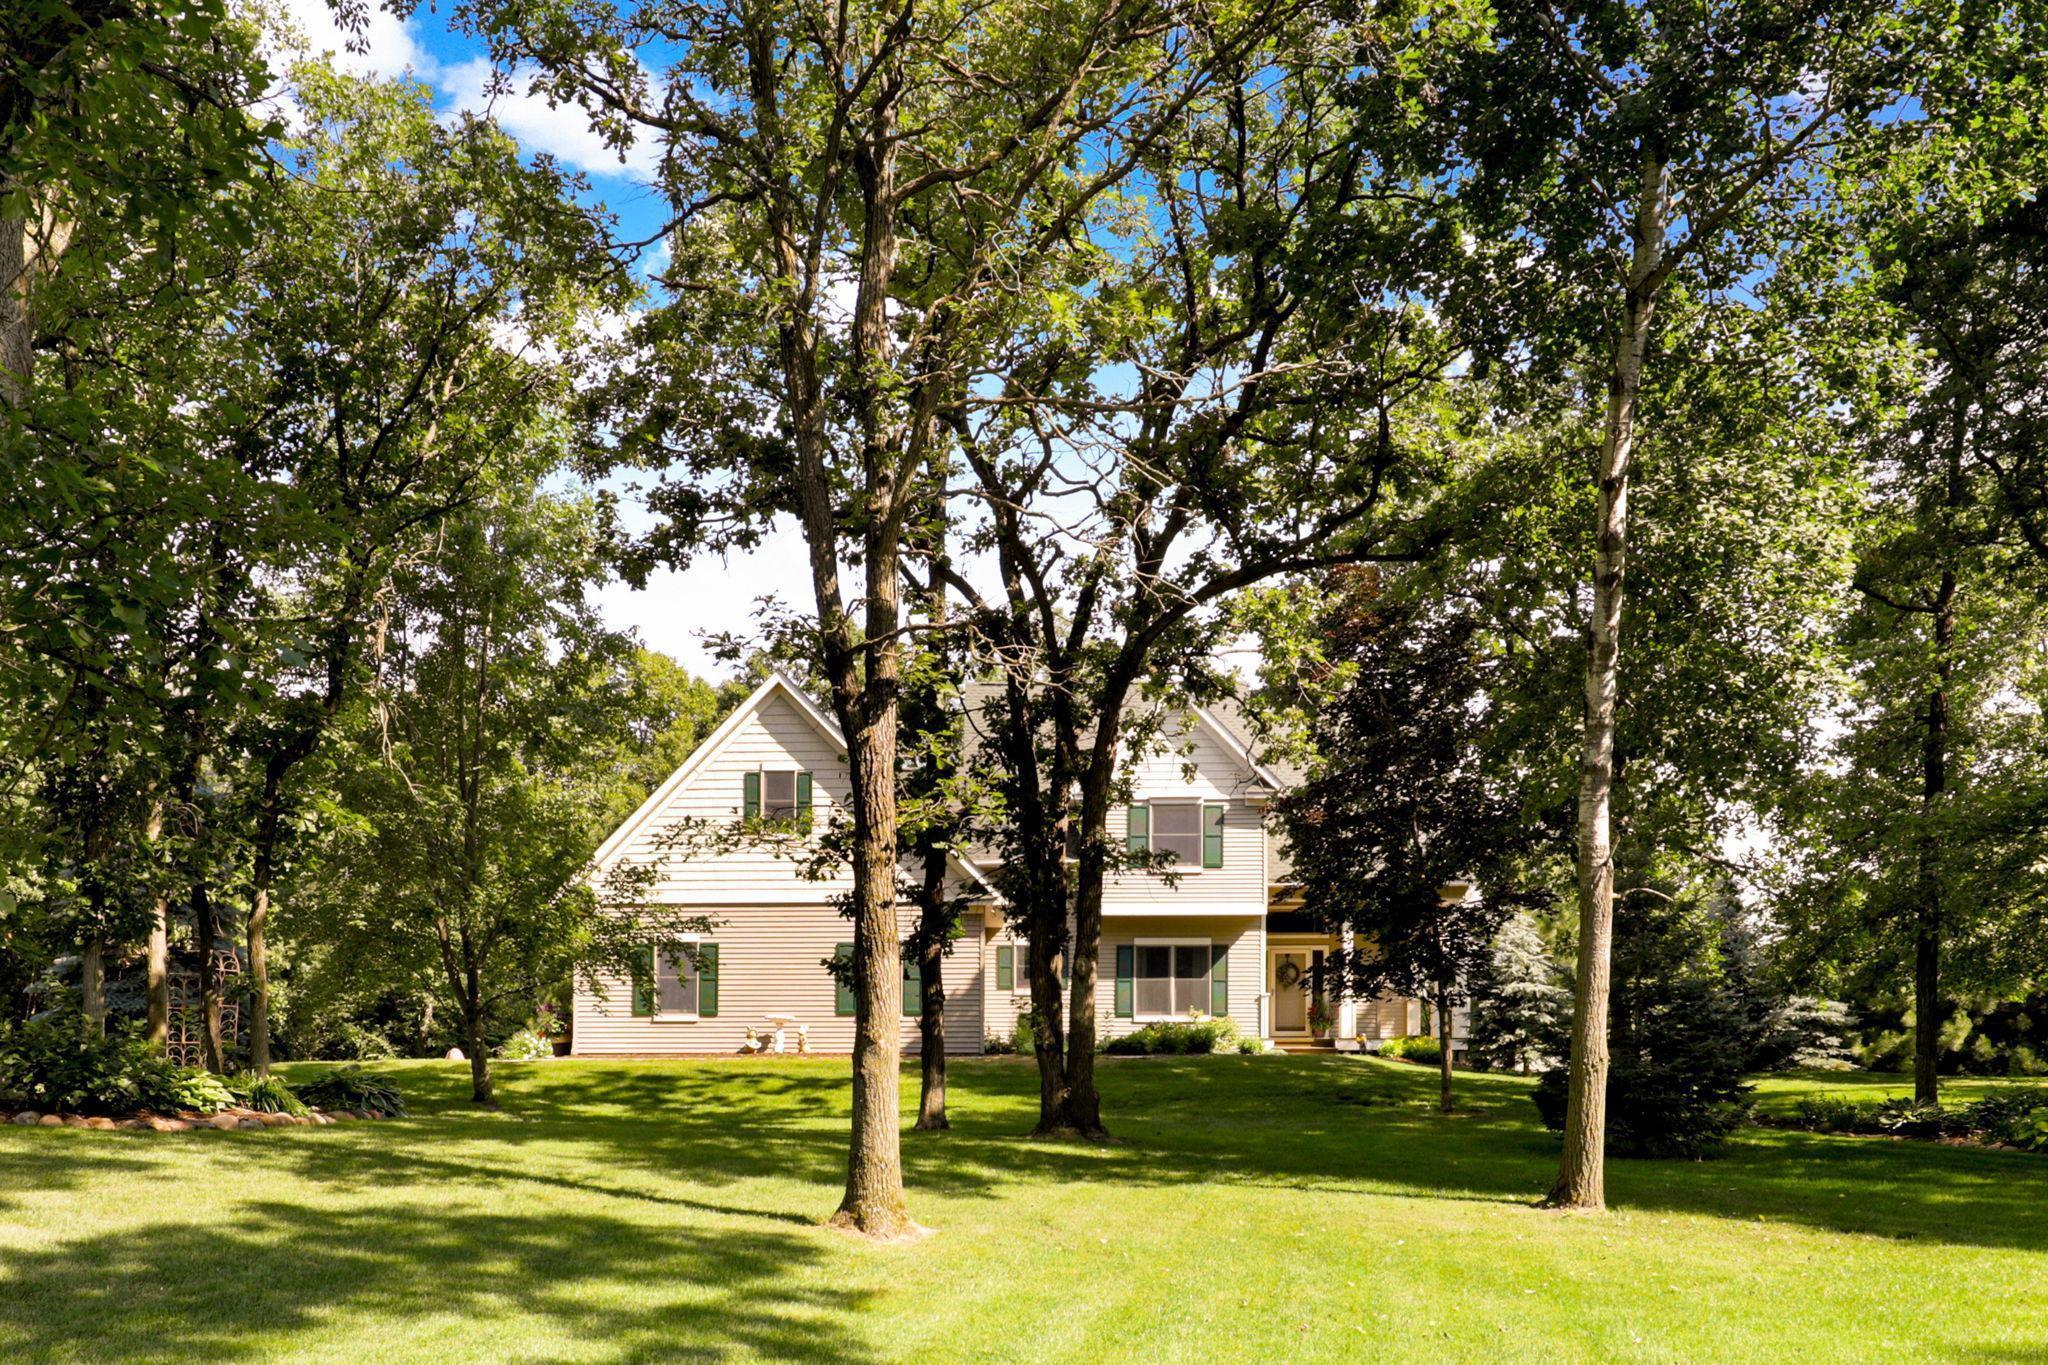 666 Hillary Farm Road, Hudson, WI 54016